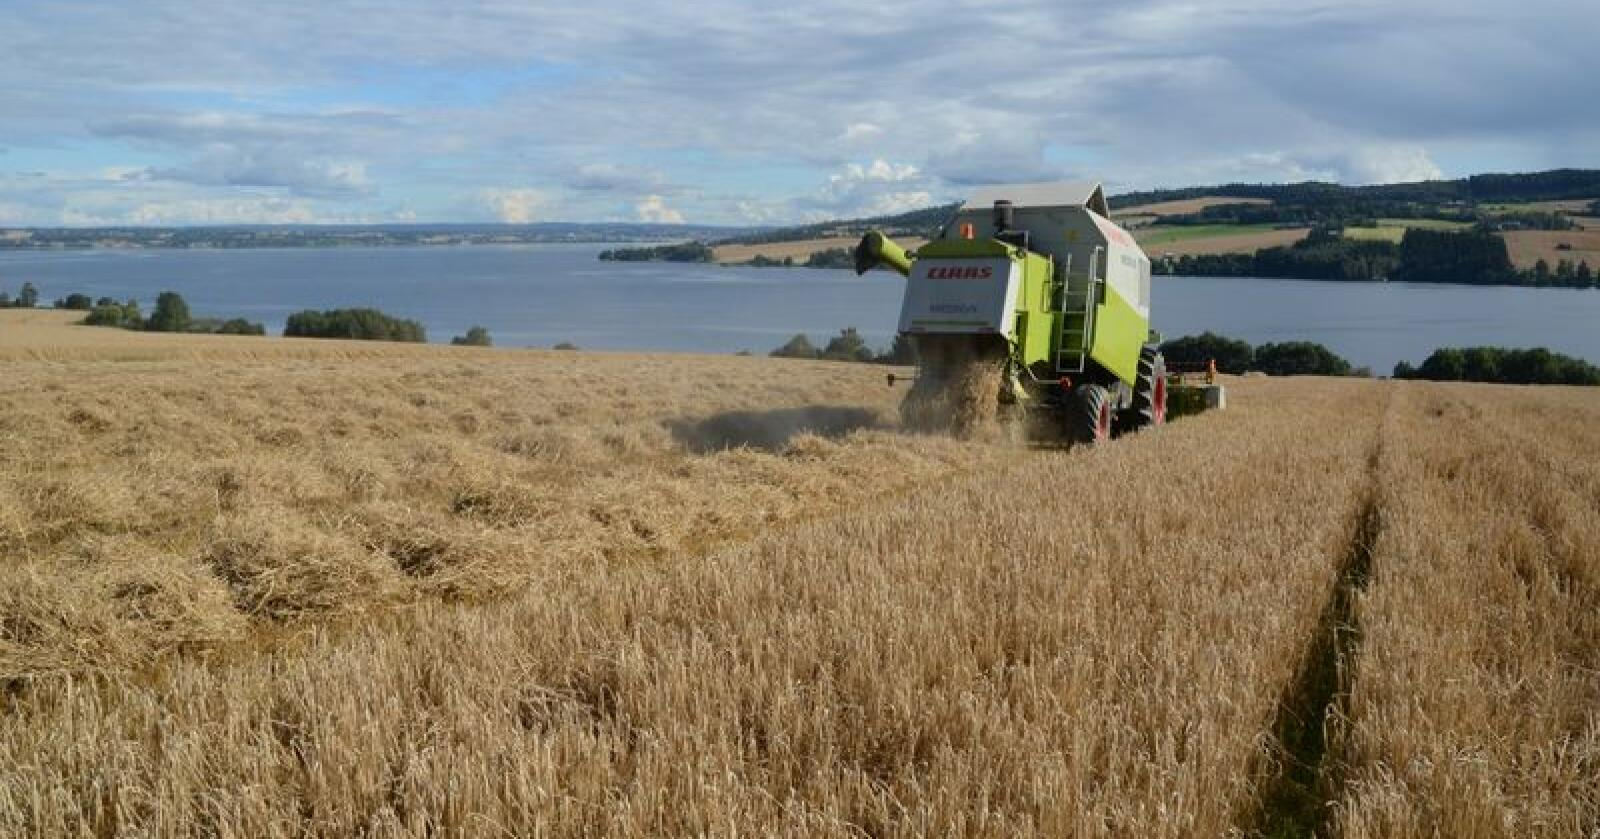 Fortsatt er det noe korn som ikke er høstet i bygdene på begge sider av Mjøsa. (Arkivfoto fra Nes i Ringsaker)